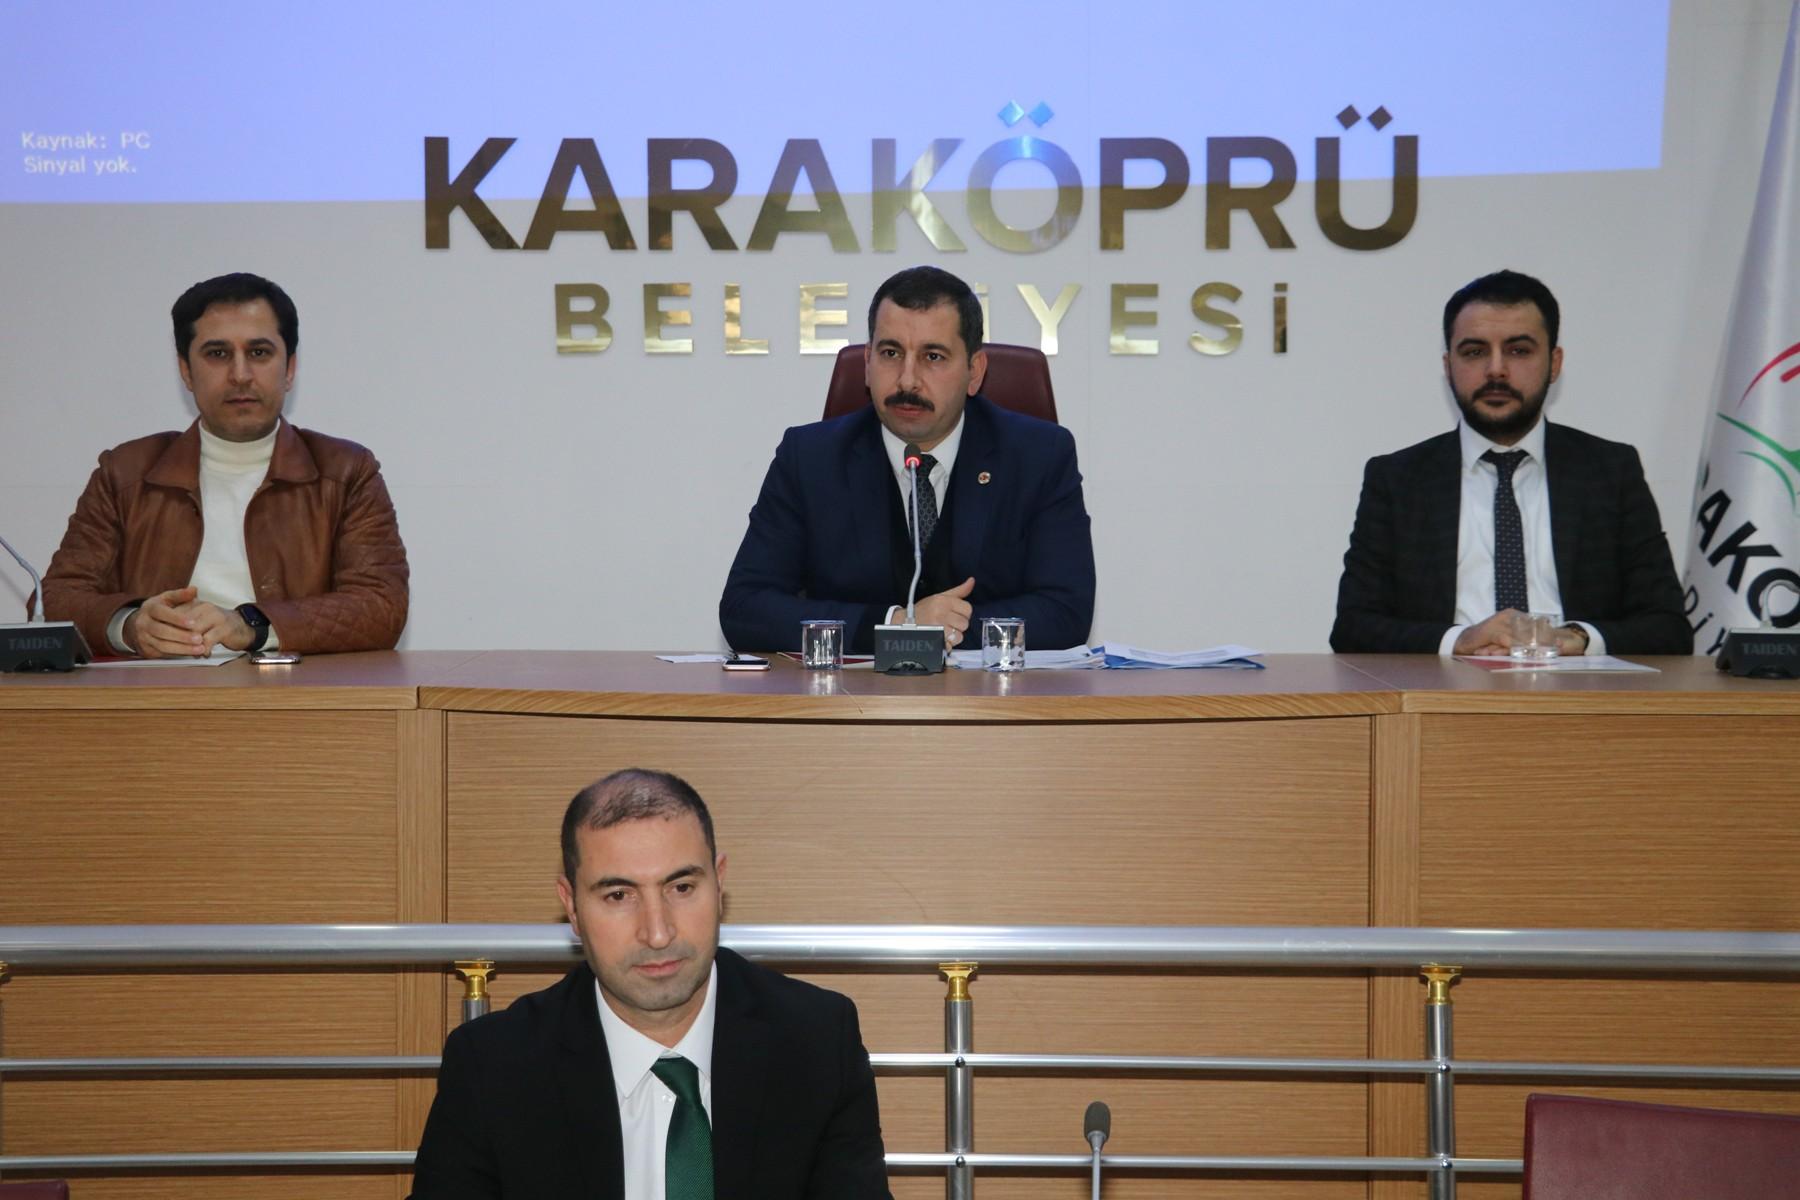 KARAKÖPRÜ'DE YENİ YILIN İLK MECLİS TOPLANTISI GERÇEKLEŞTİRİLDİ